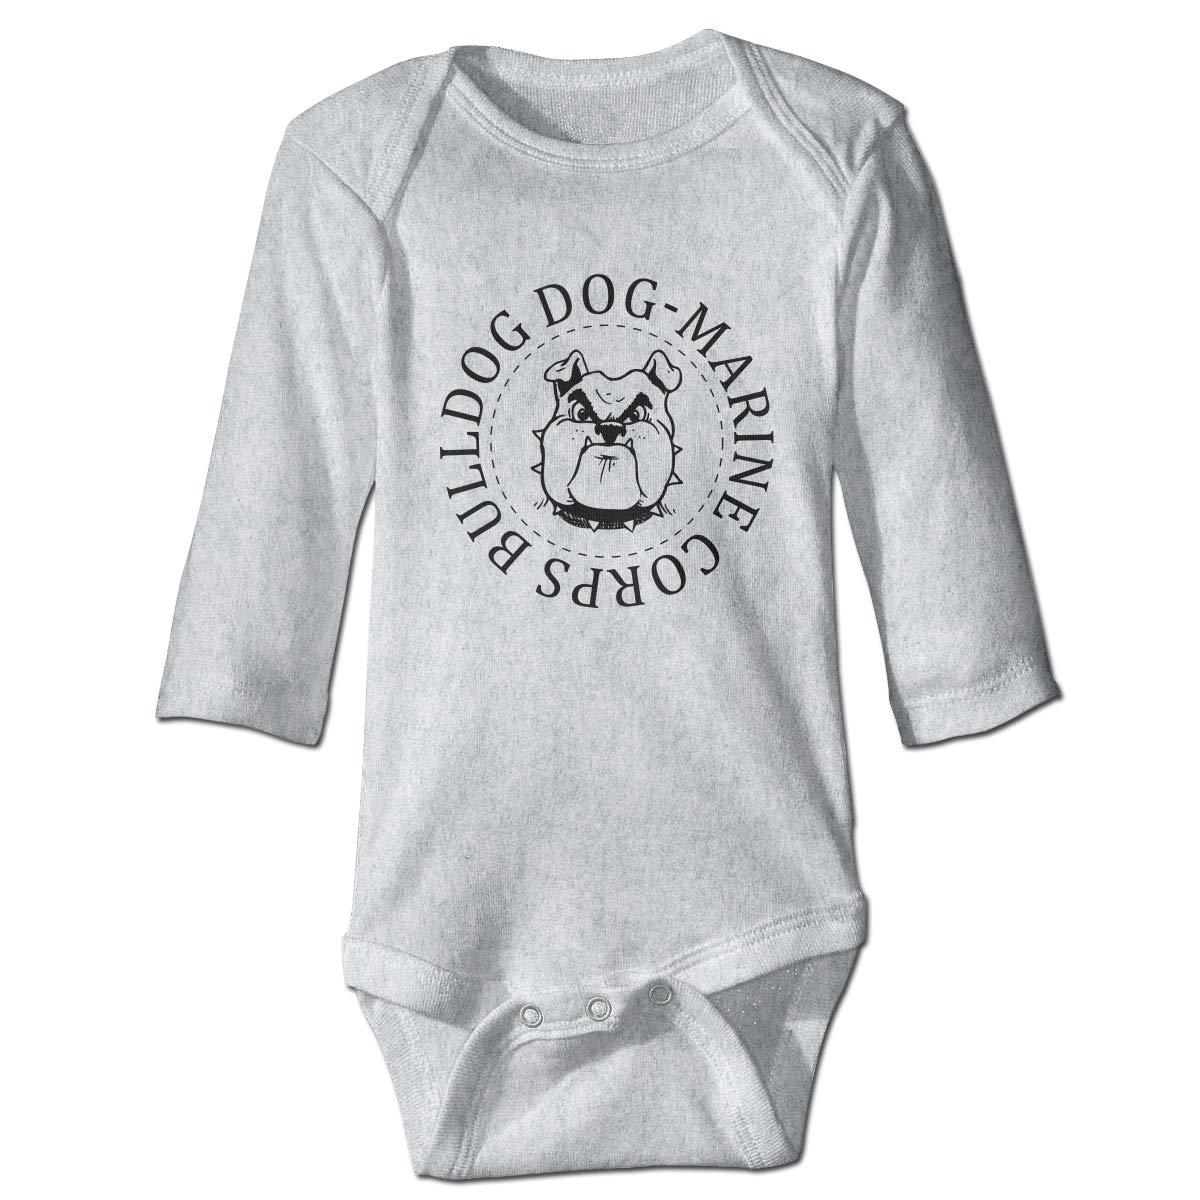 Dfenere Bulldog Dog-Marine Corps Fashion Newborn Baby Long Sleeve Bodysuit Romper Infant Summer Clothing